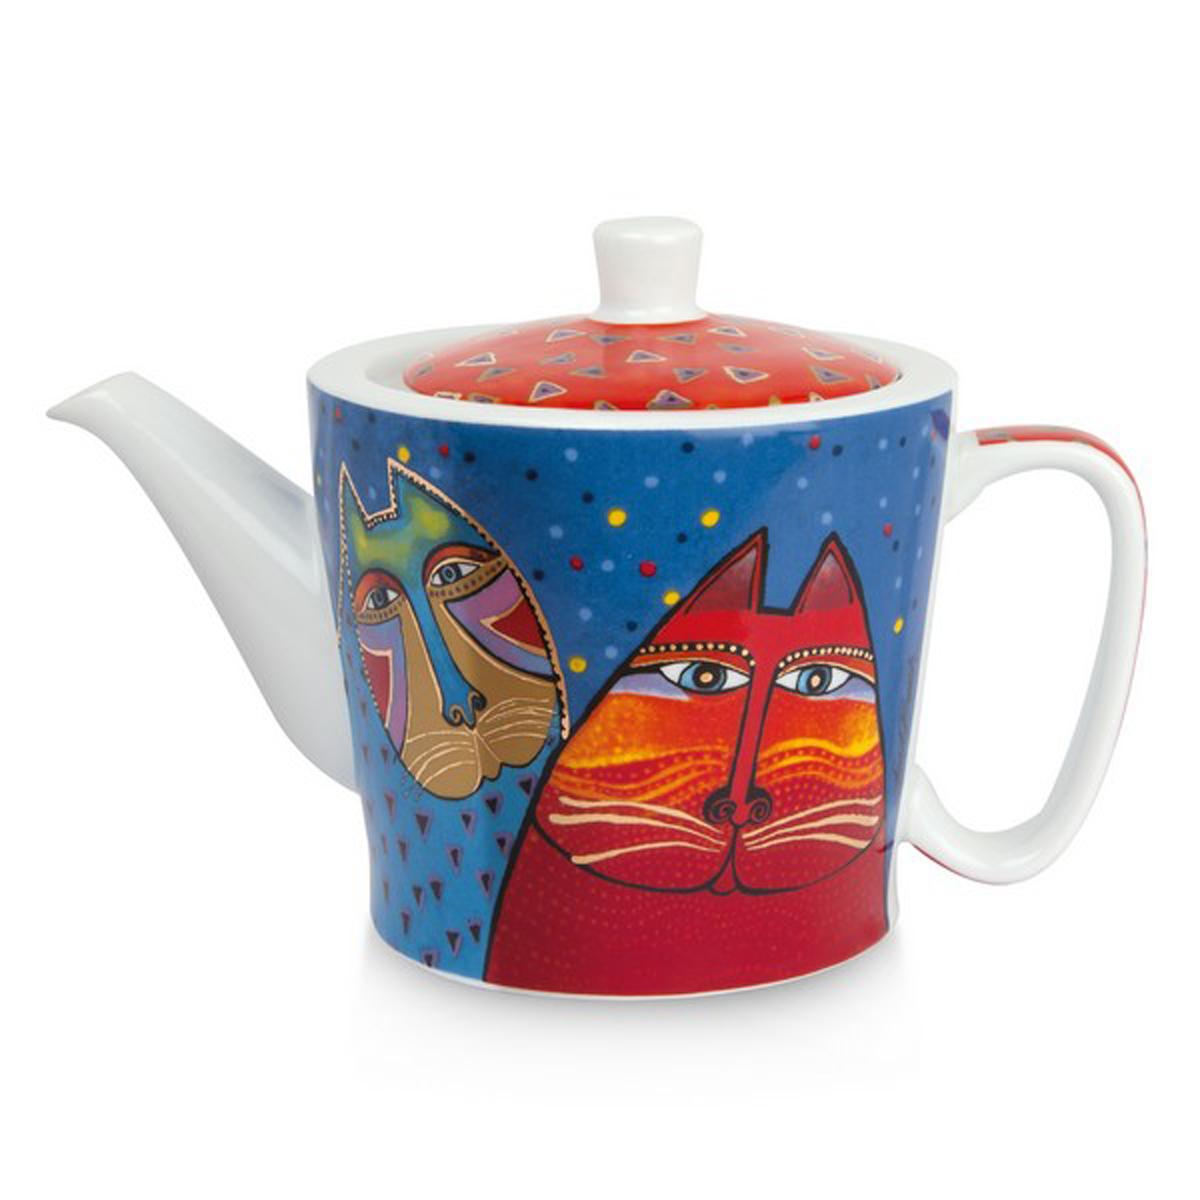 Théière porcelaine \'Laurel Burch\' bleu rouge (chats) - 10x9 cm (450 ml) - [A2682]